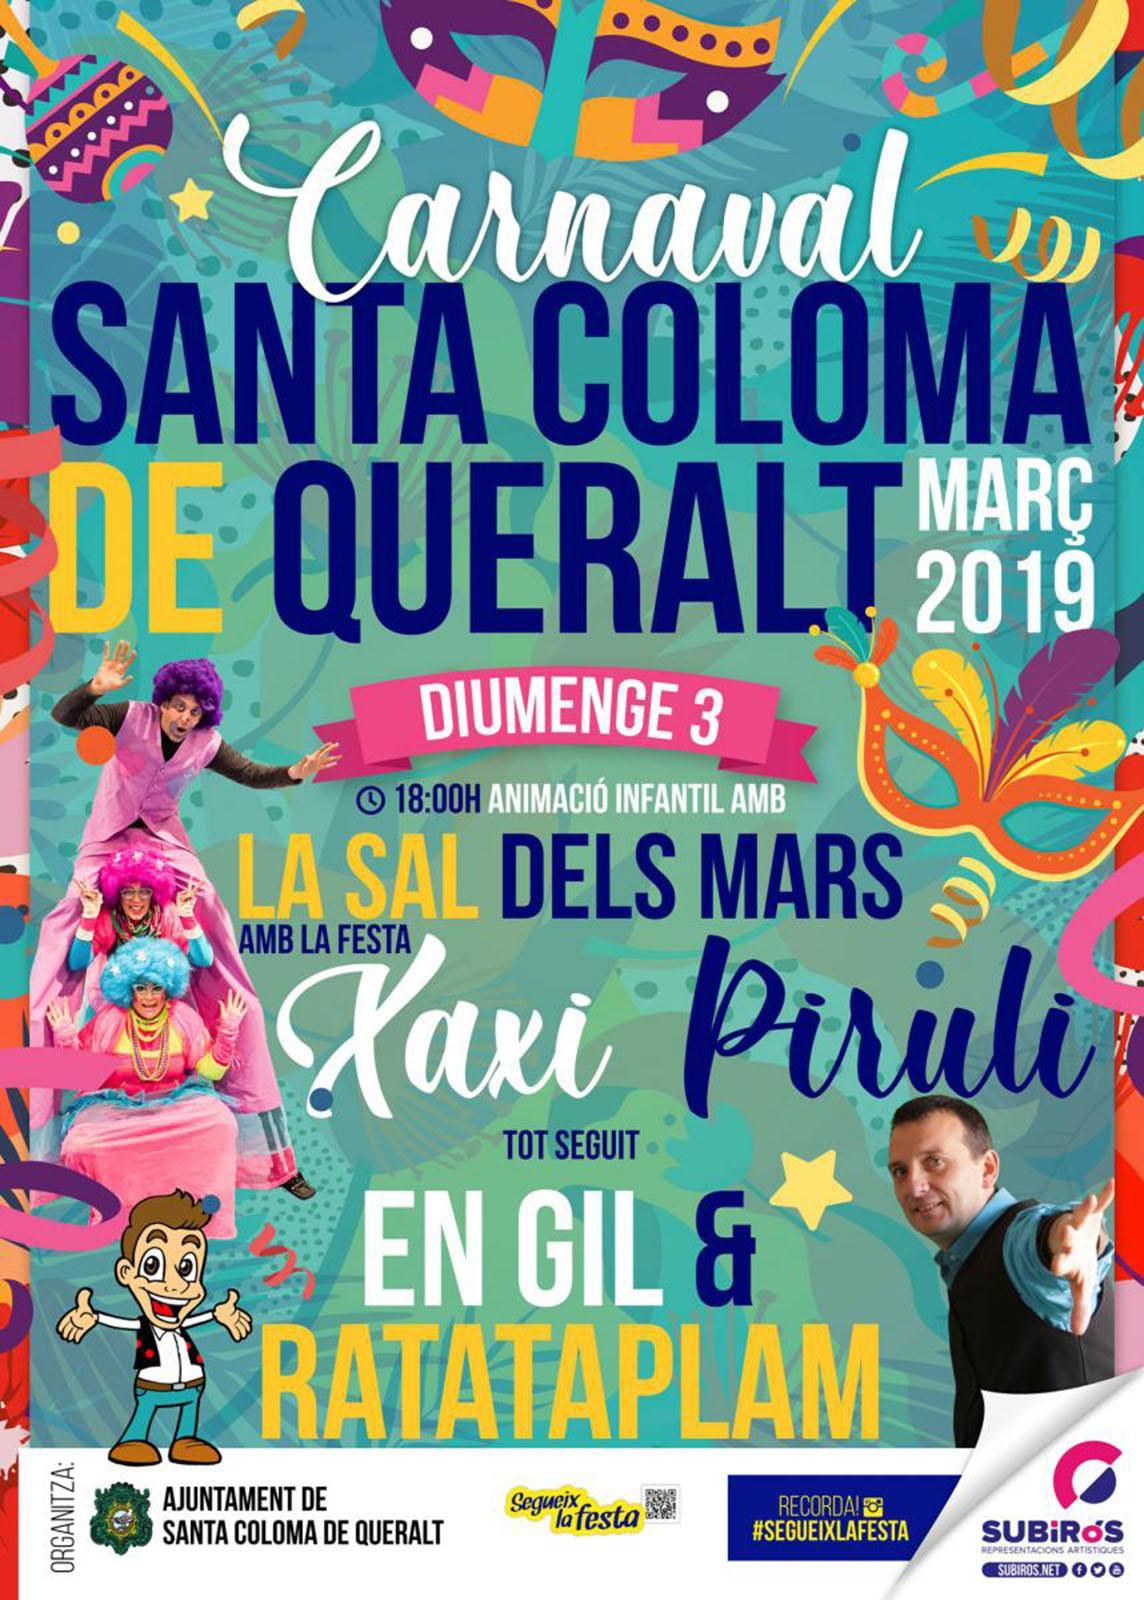 Carnaval 2019 santa coloma de queralt